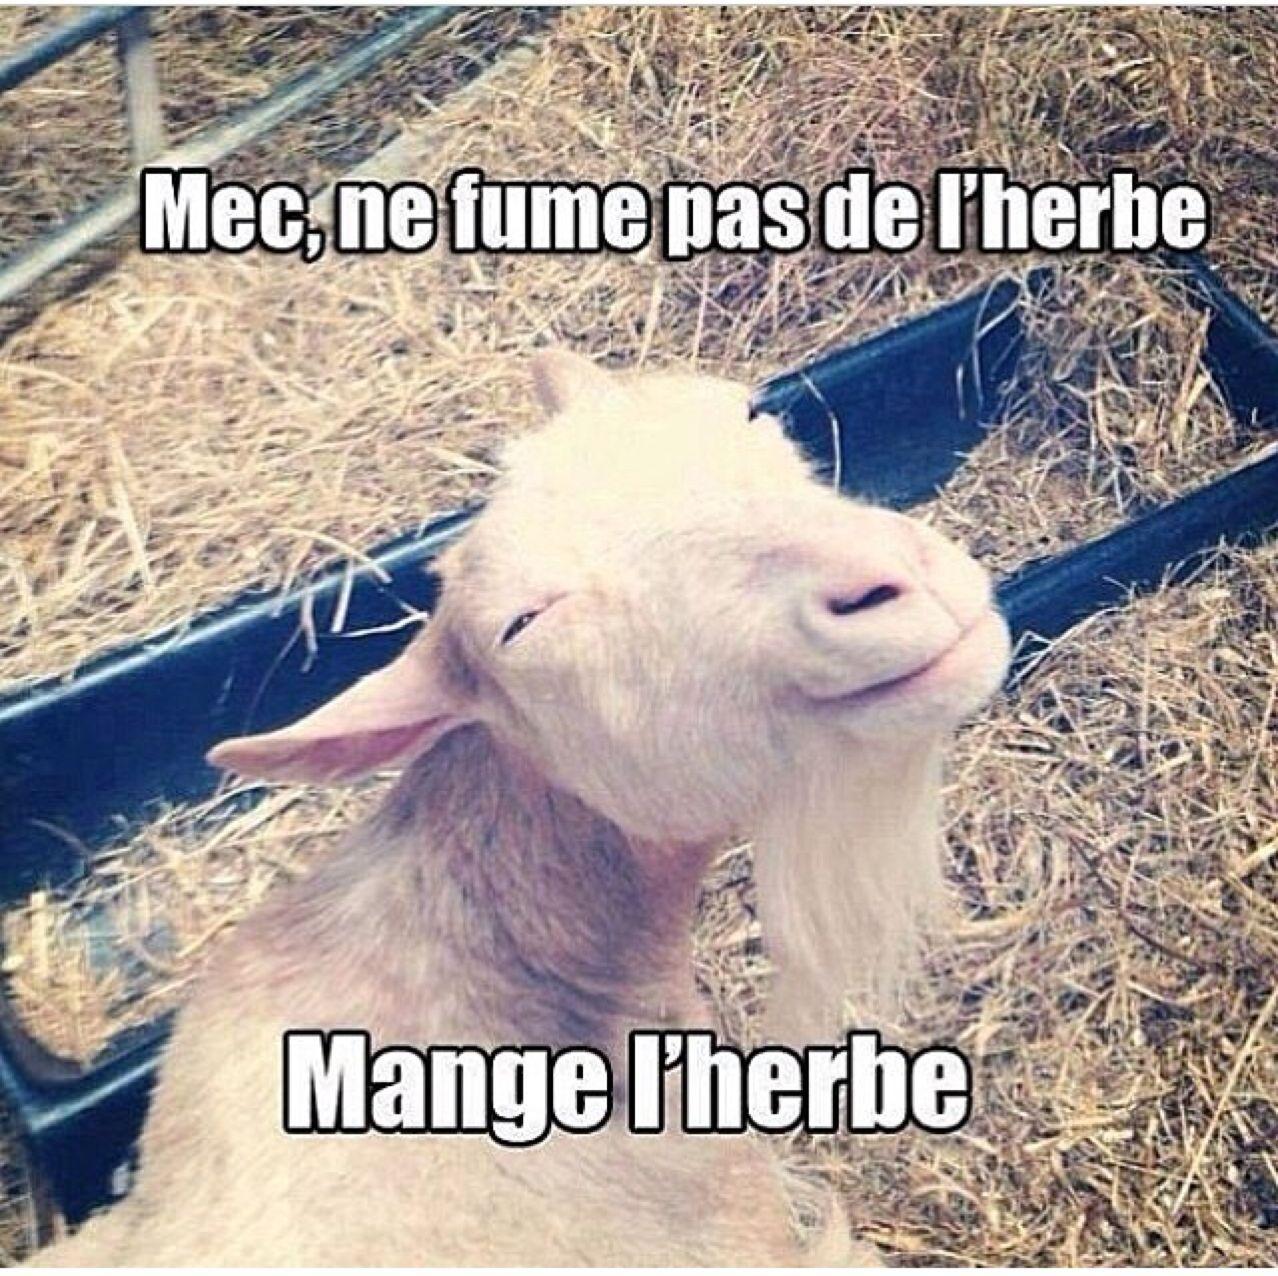 L herbe - meme